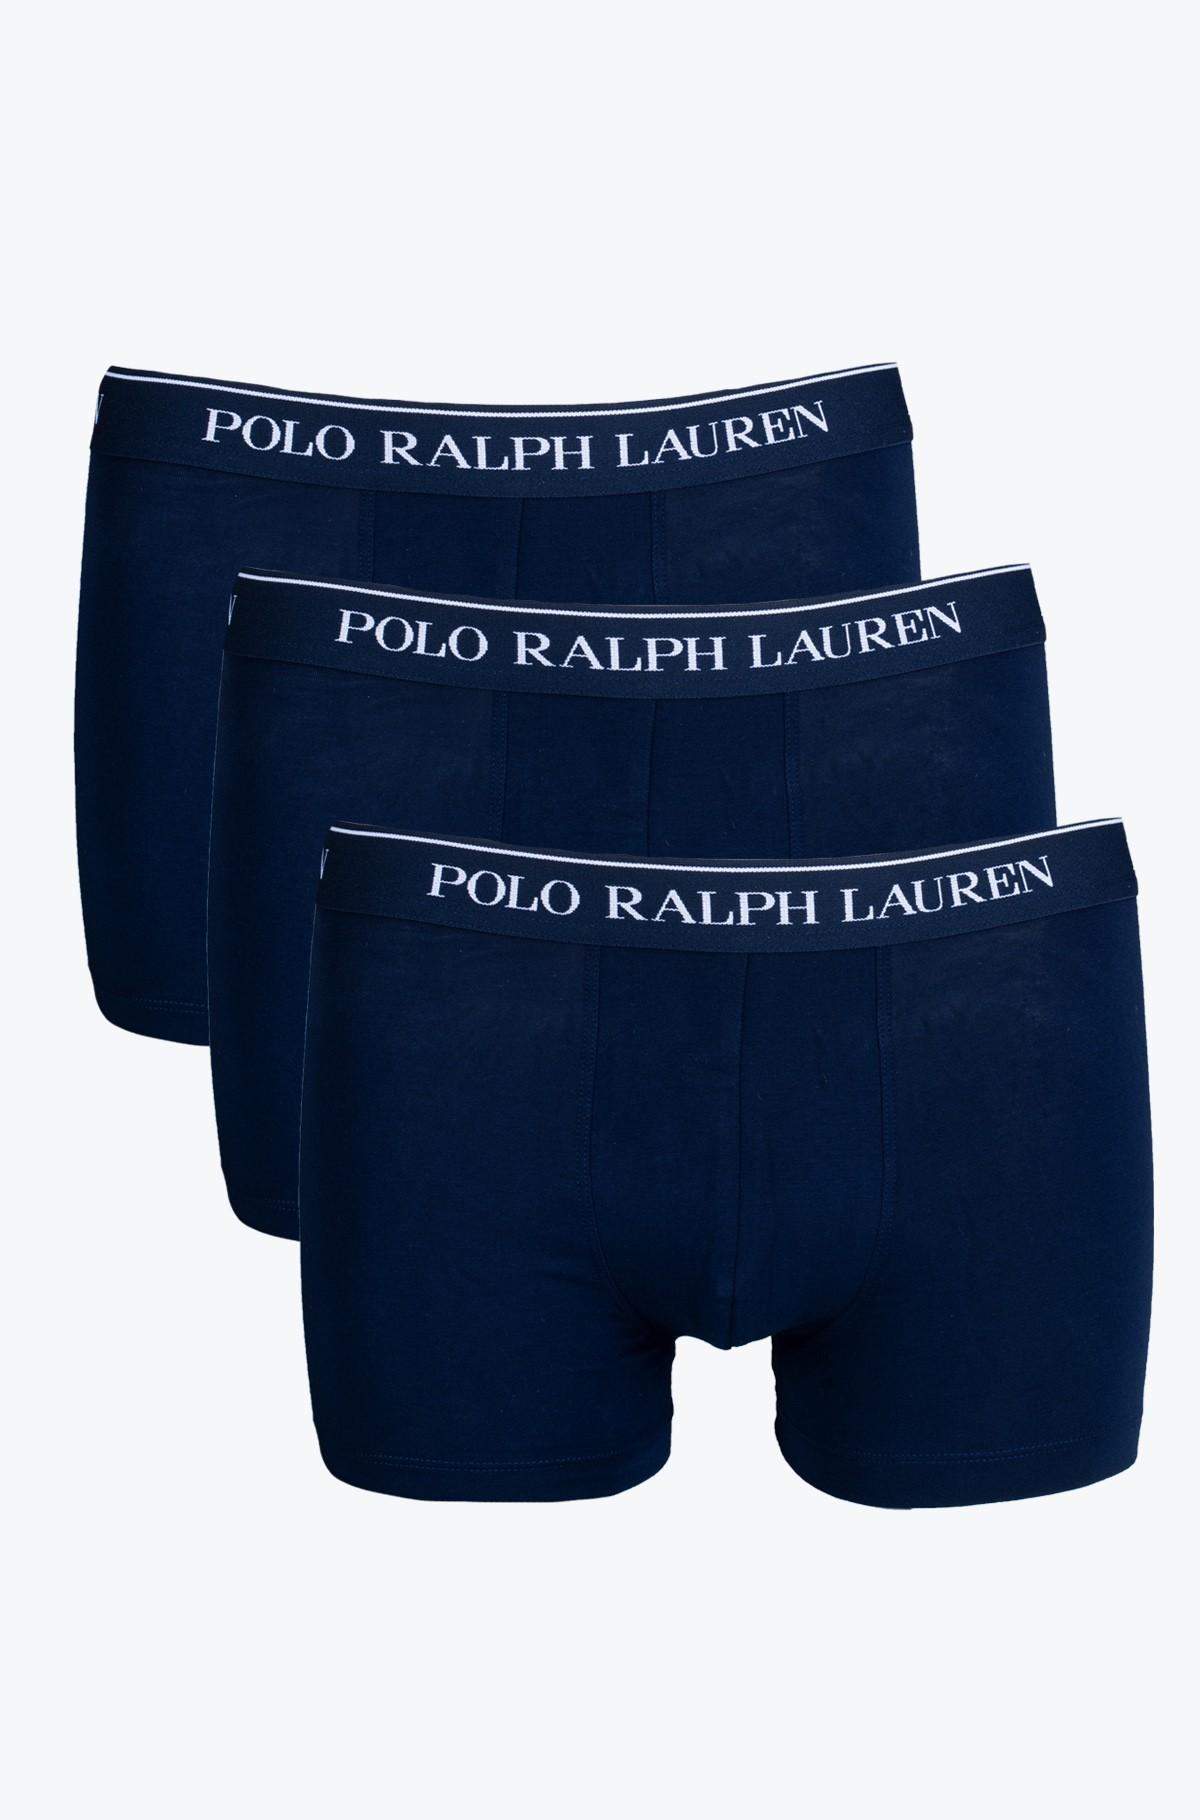 Three pairs of boxers 714513424006-full-1